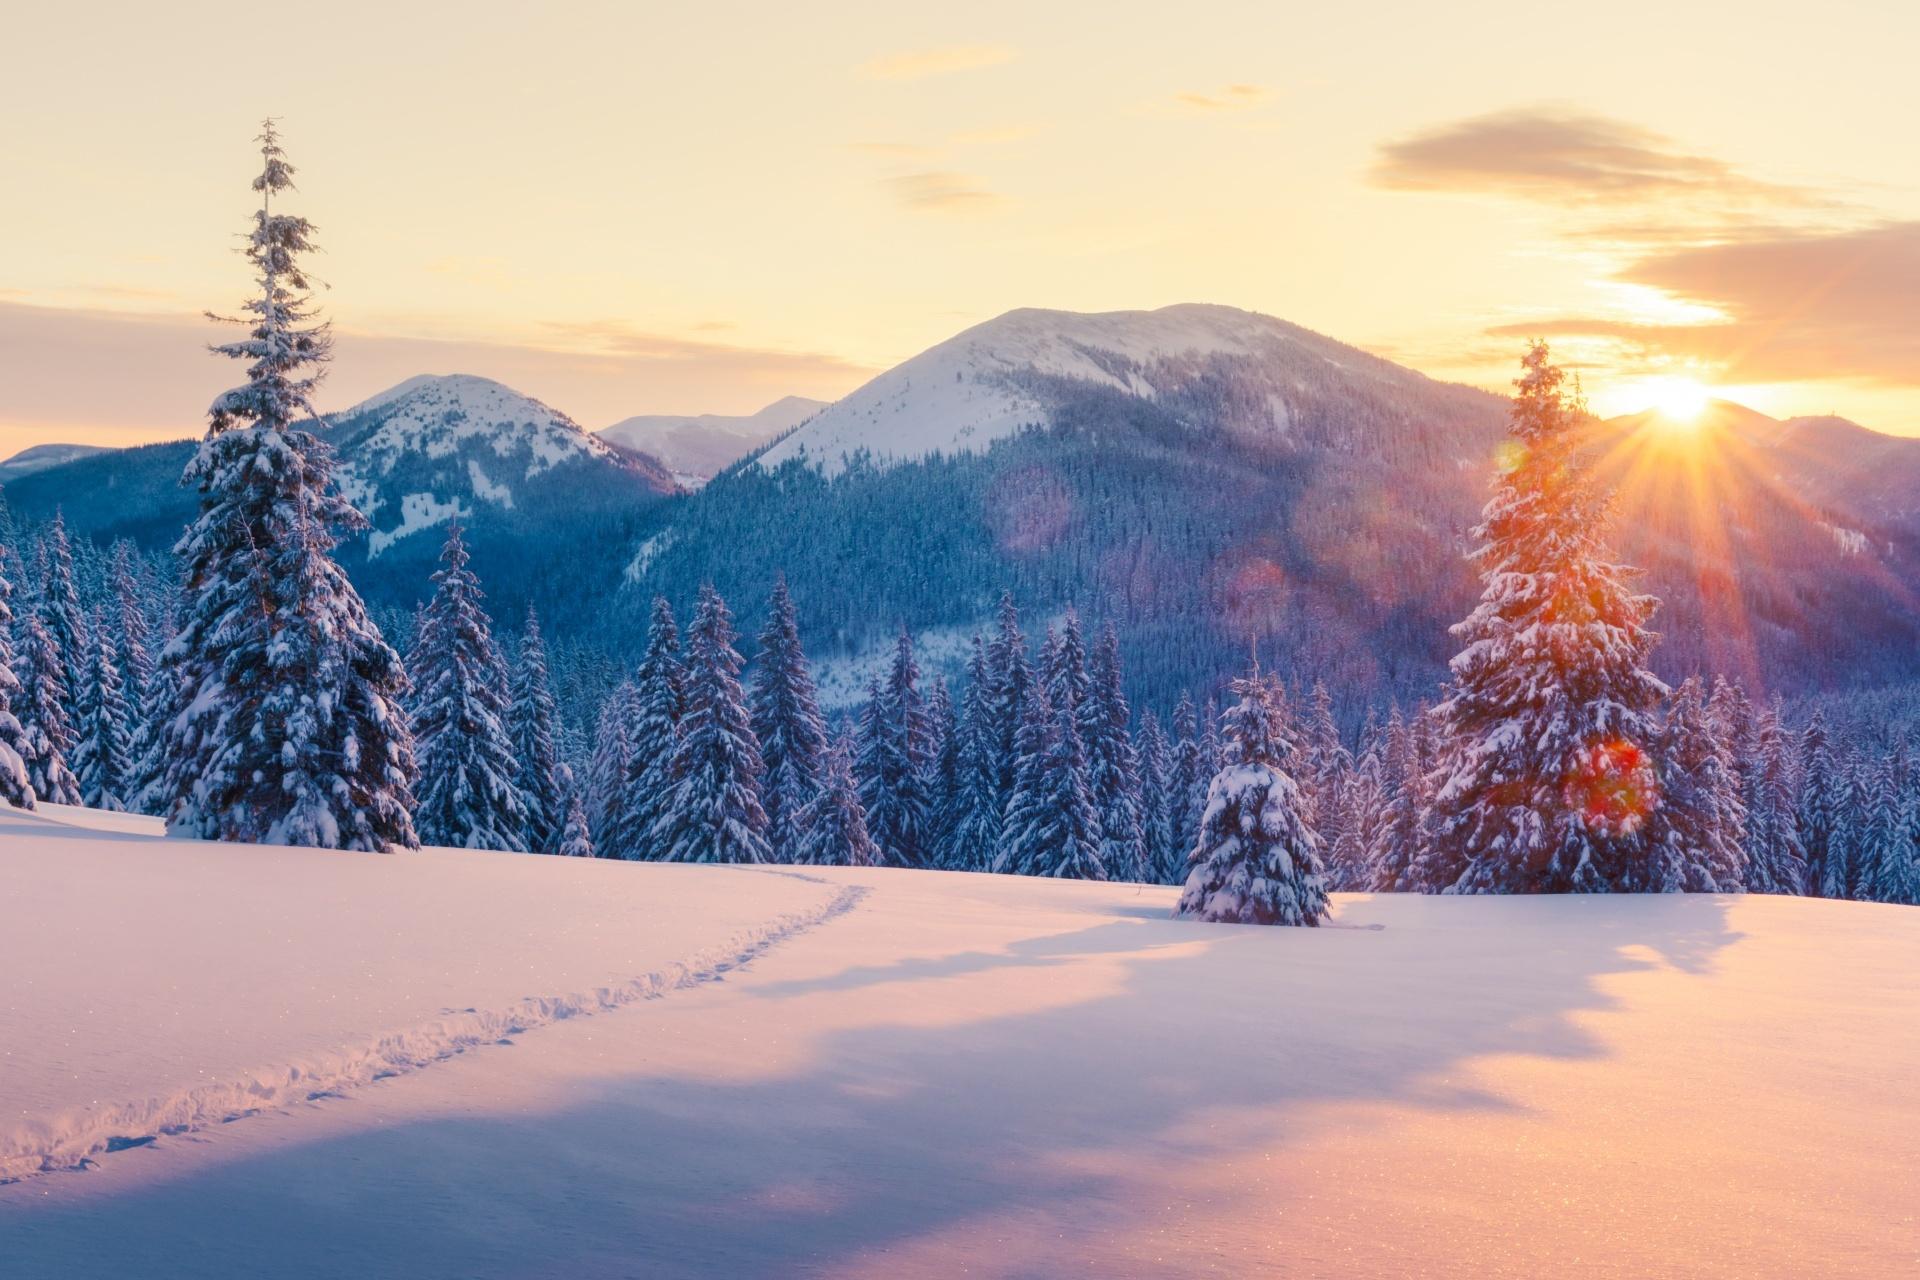 冬のカルパティア山脈 ウクライナの風景